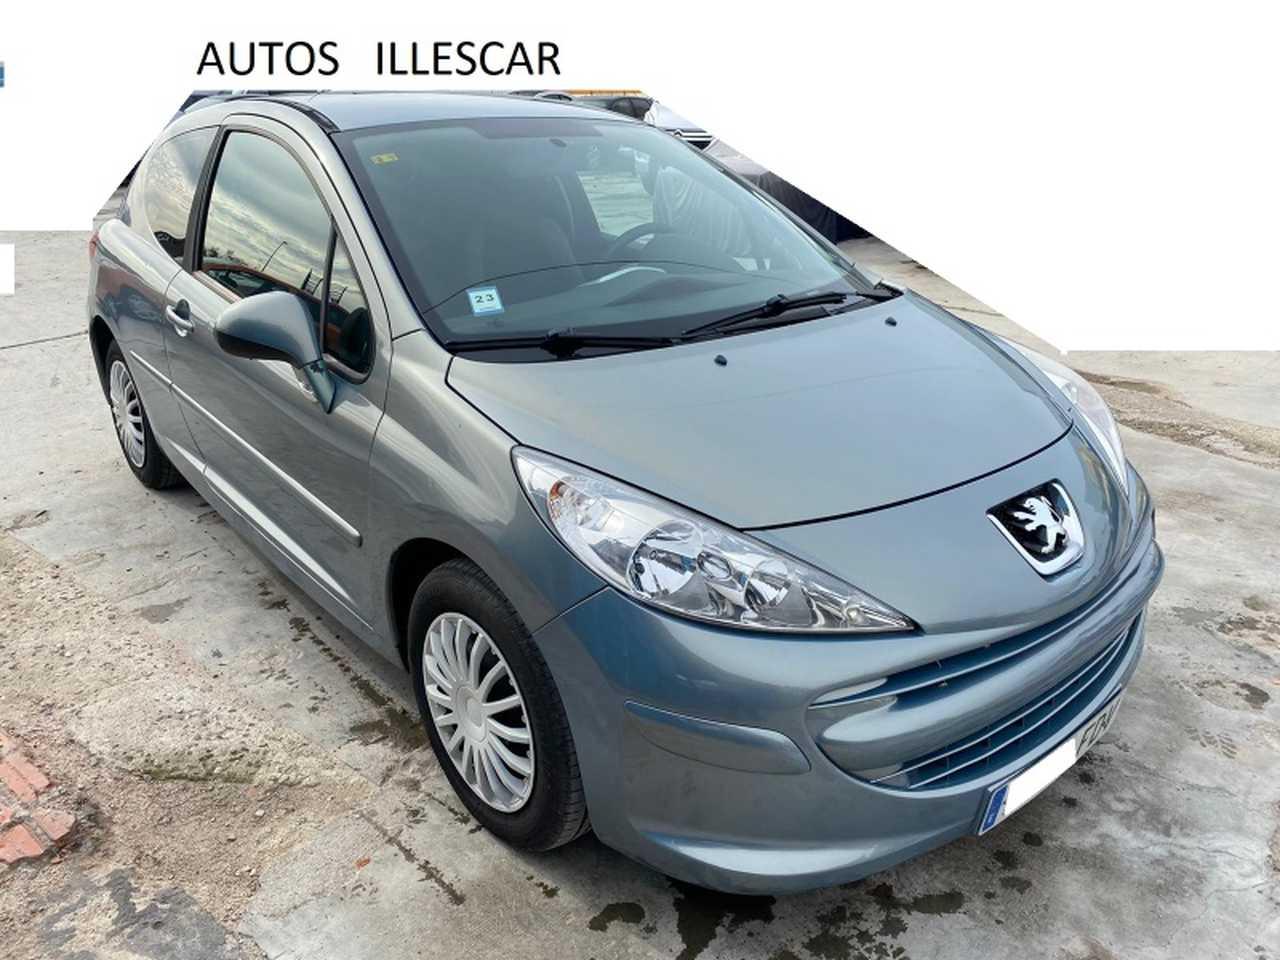 Peugeot 207 1.4 HDI  70 CV ADMITIMOS PRUEBA MECANICA  - Foto 1